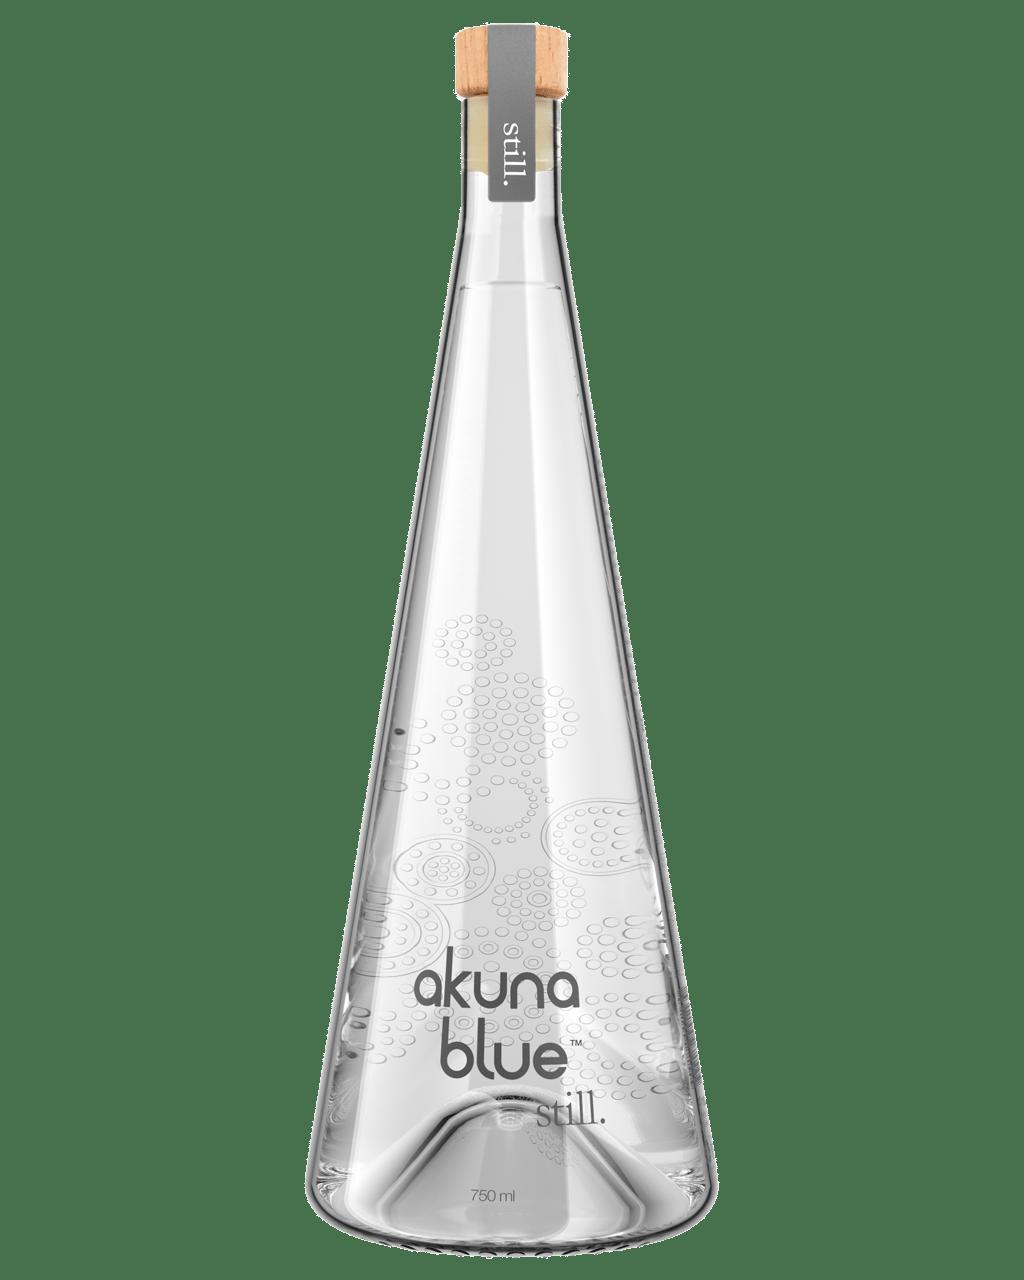 f03251f07a Akuna Blue Still 750ml